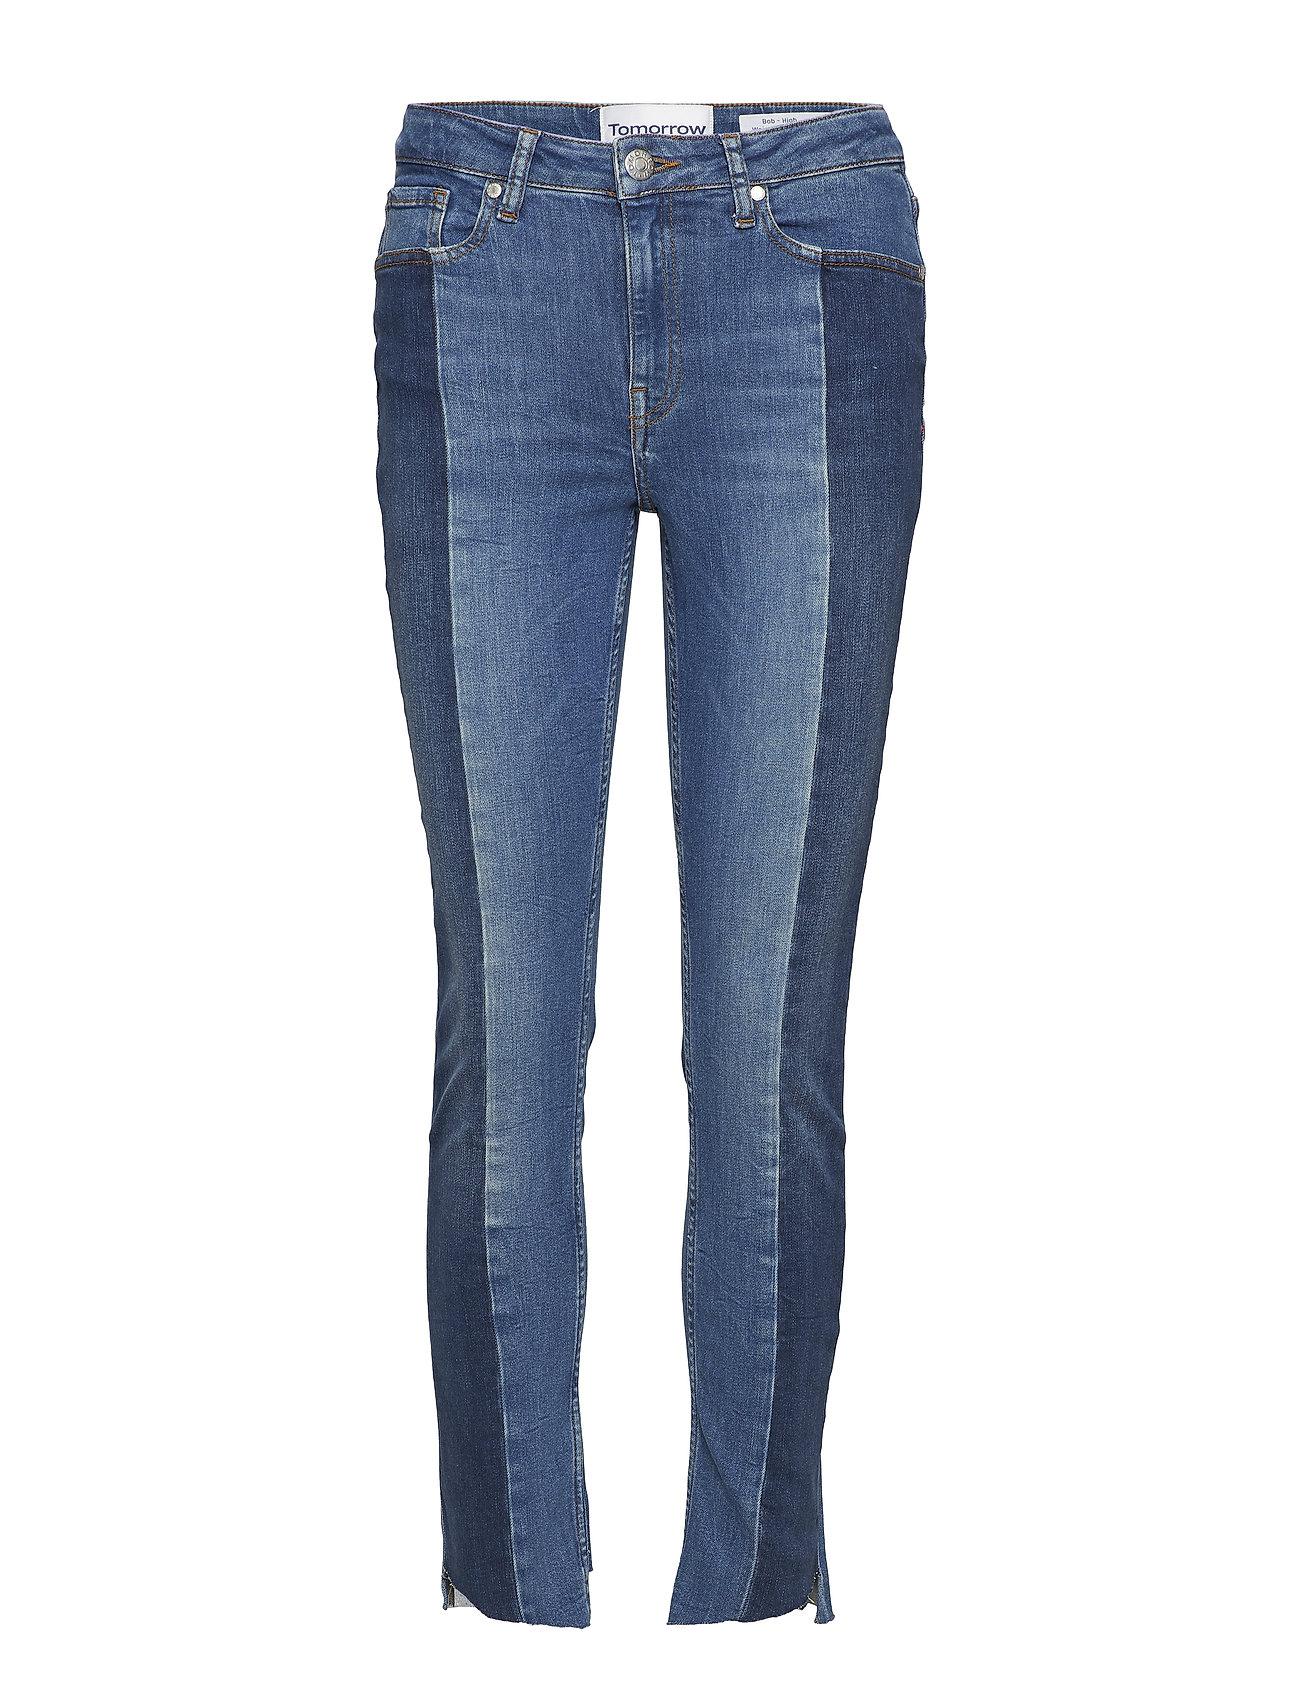 Jeans Wash Cropped Bob BrightonTomorrow IE9DHYW2